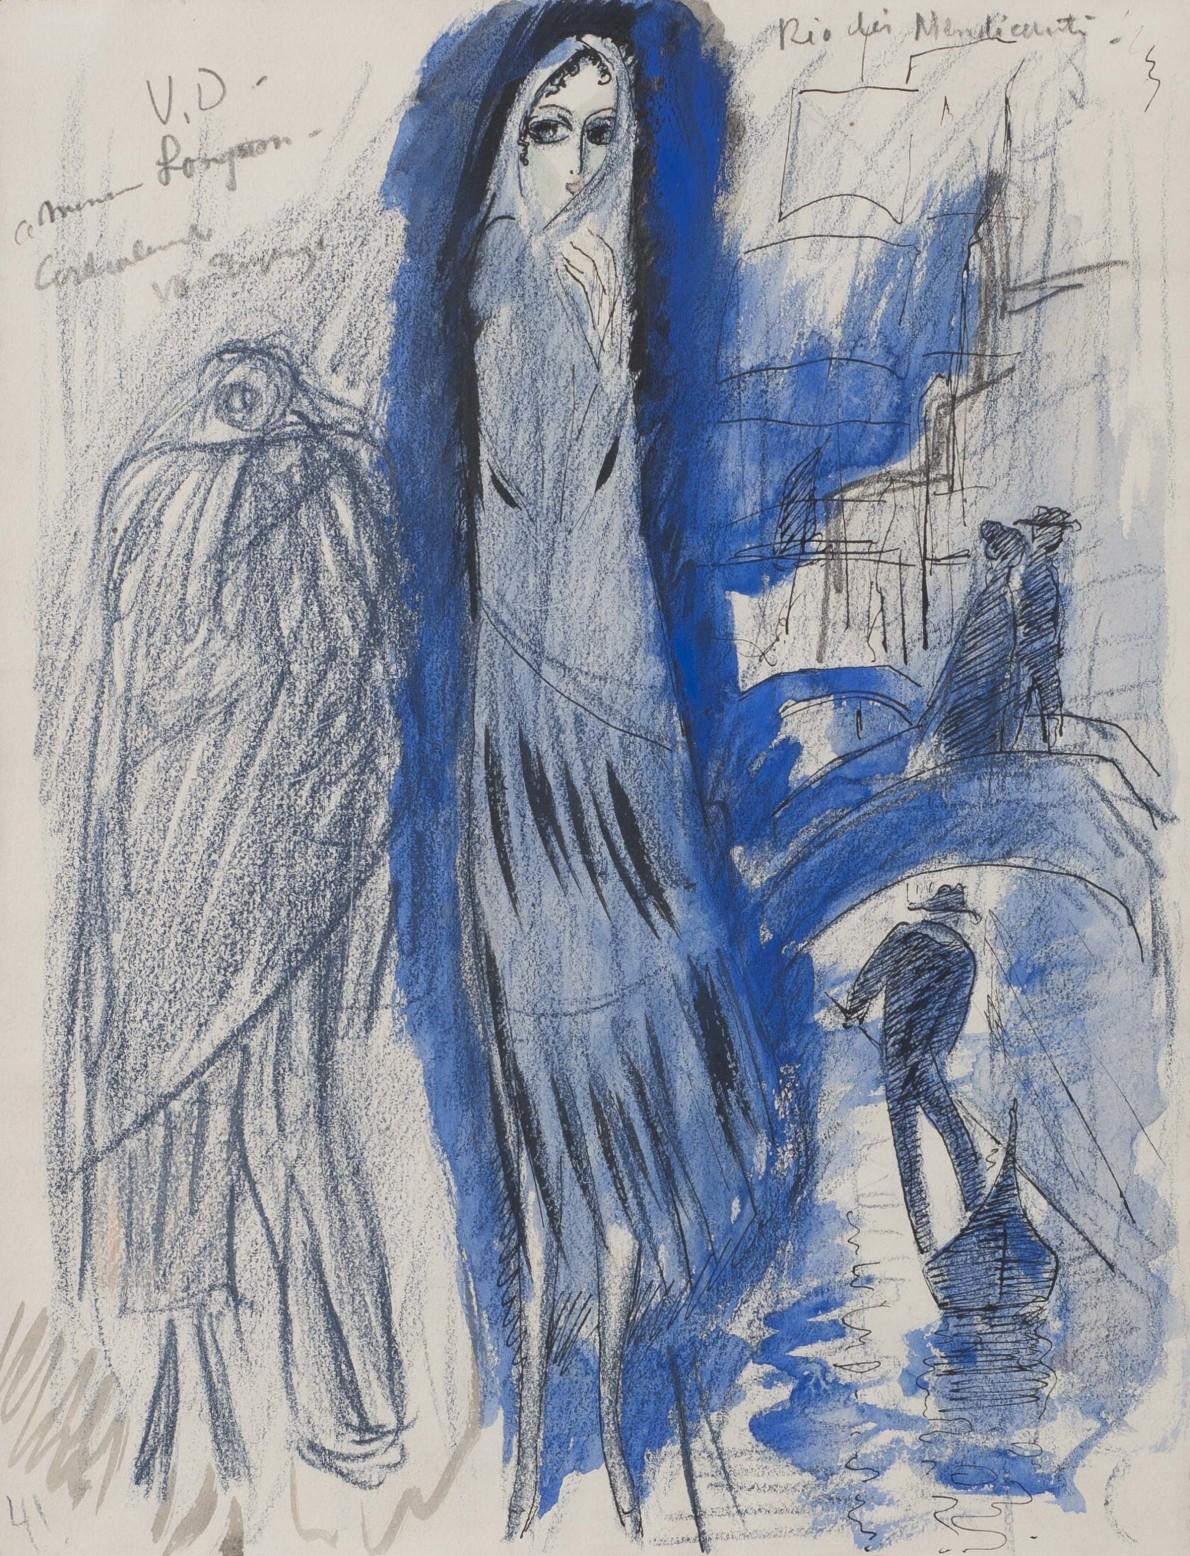 Kees van Dongen, Etude pour 'Rio des Mendiant', 1921